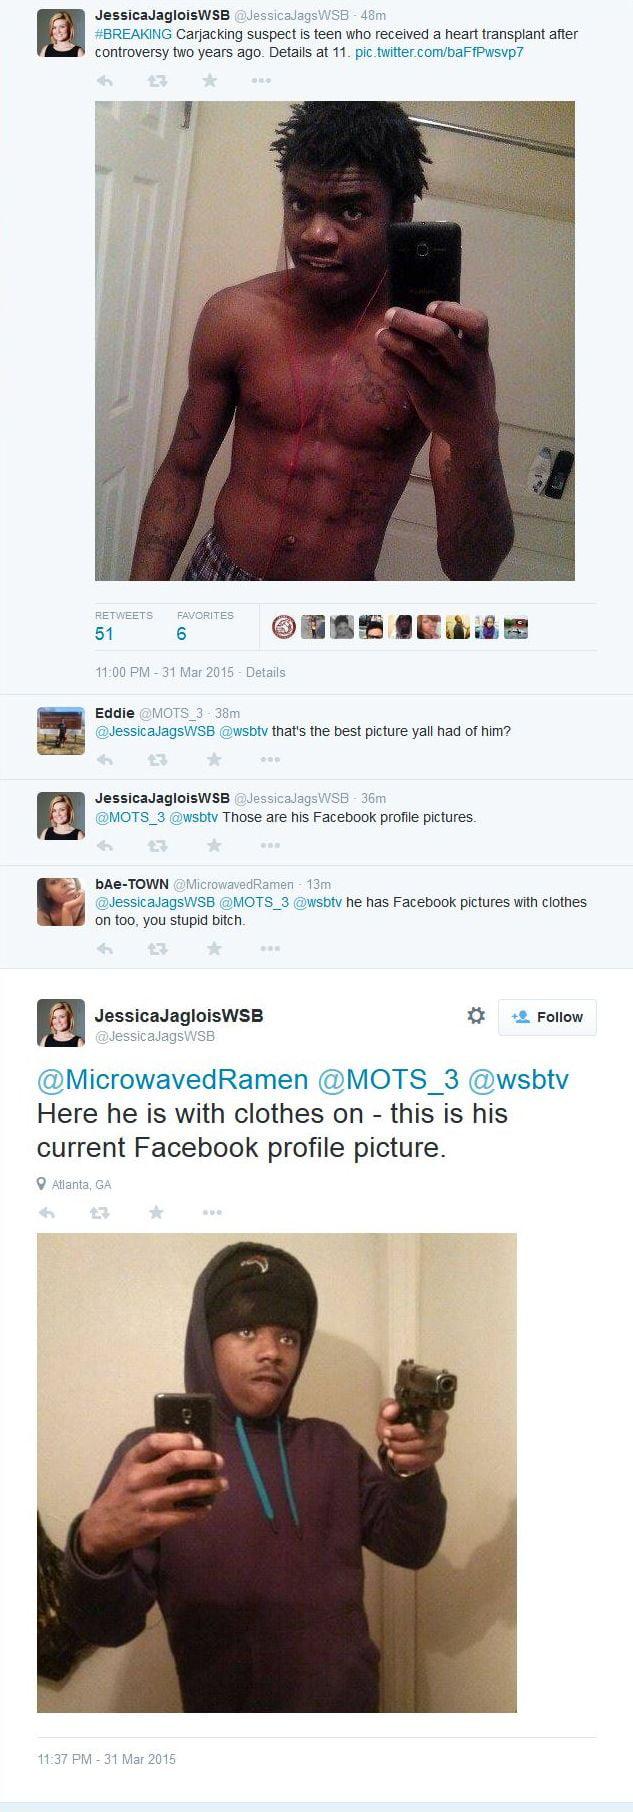 The Perfect FB Profile pic.